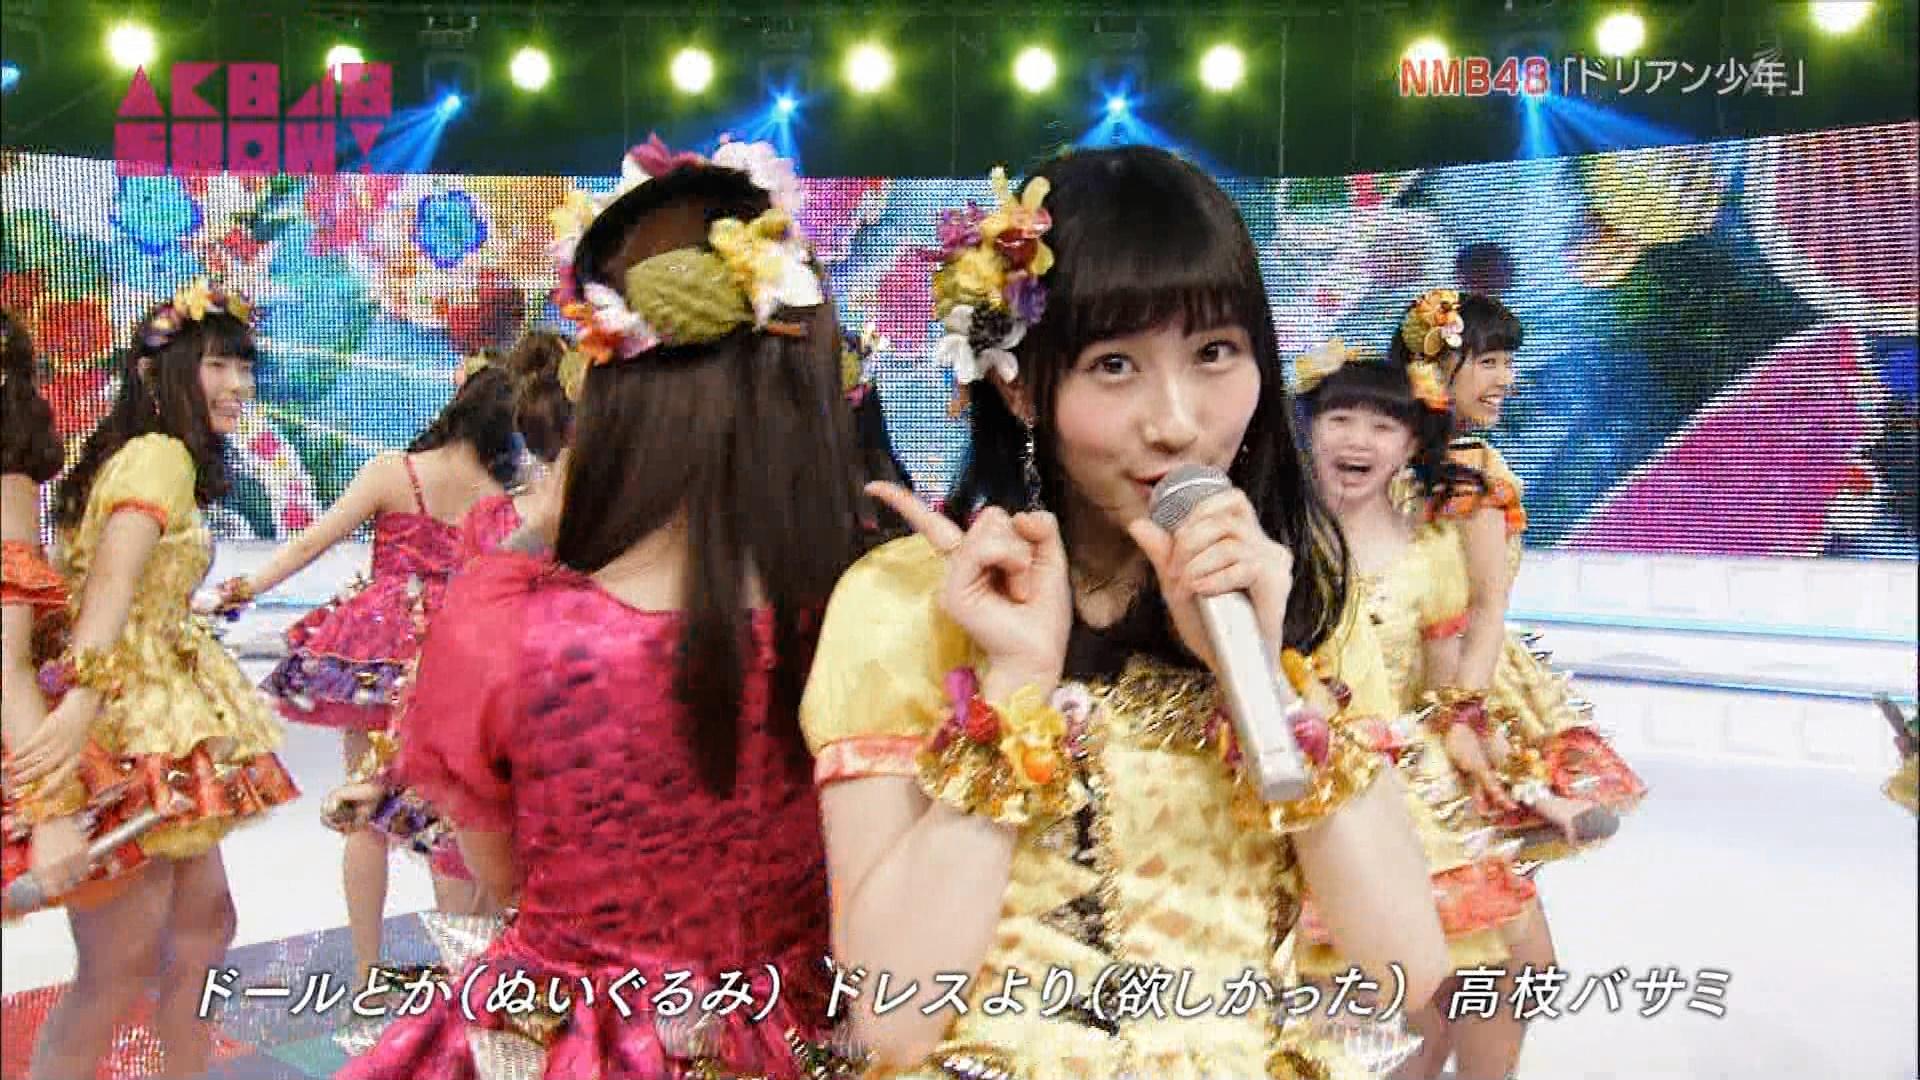 矢倉楓子 NMB48ドリアン少年 AKB48SHOW20150613 (9)